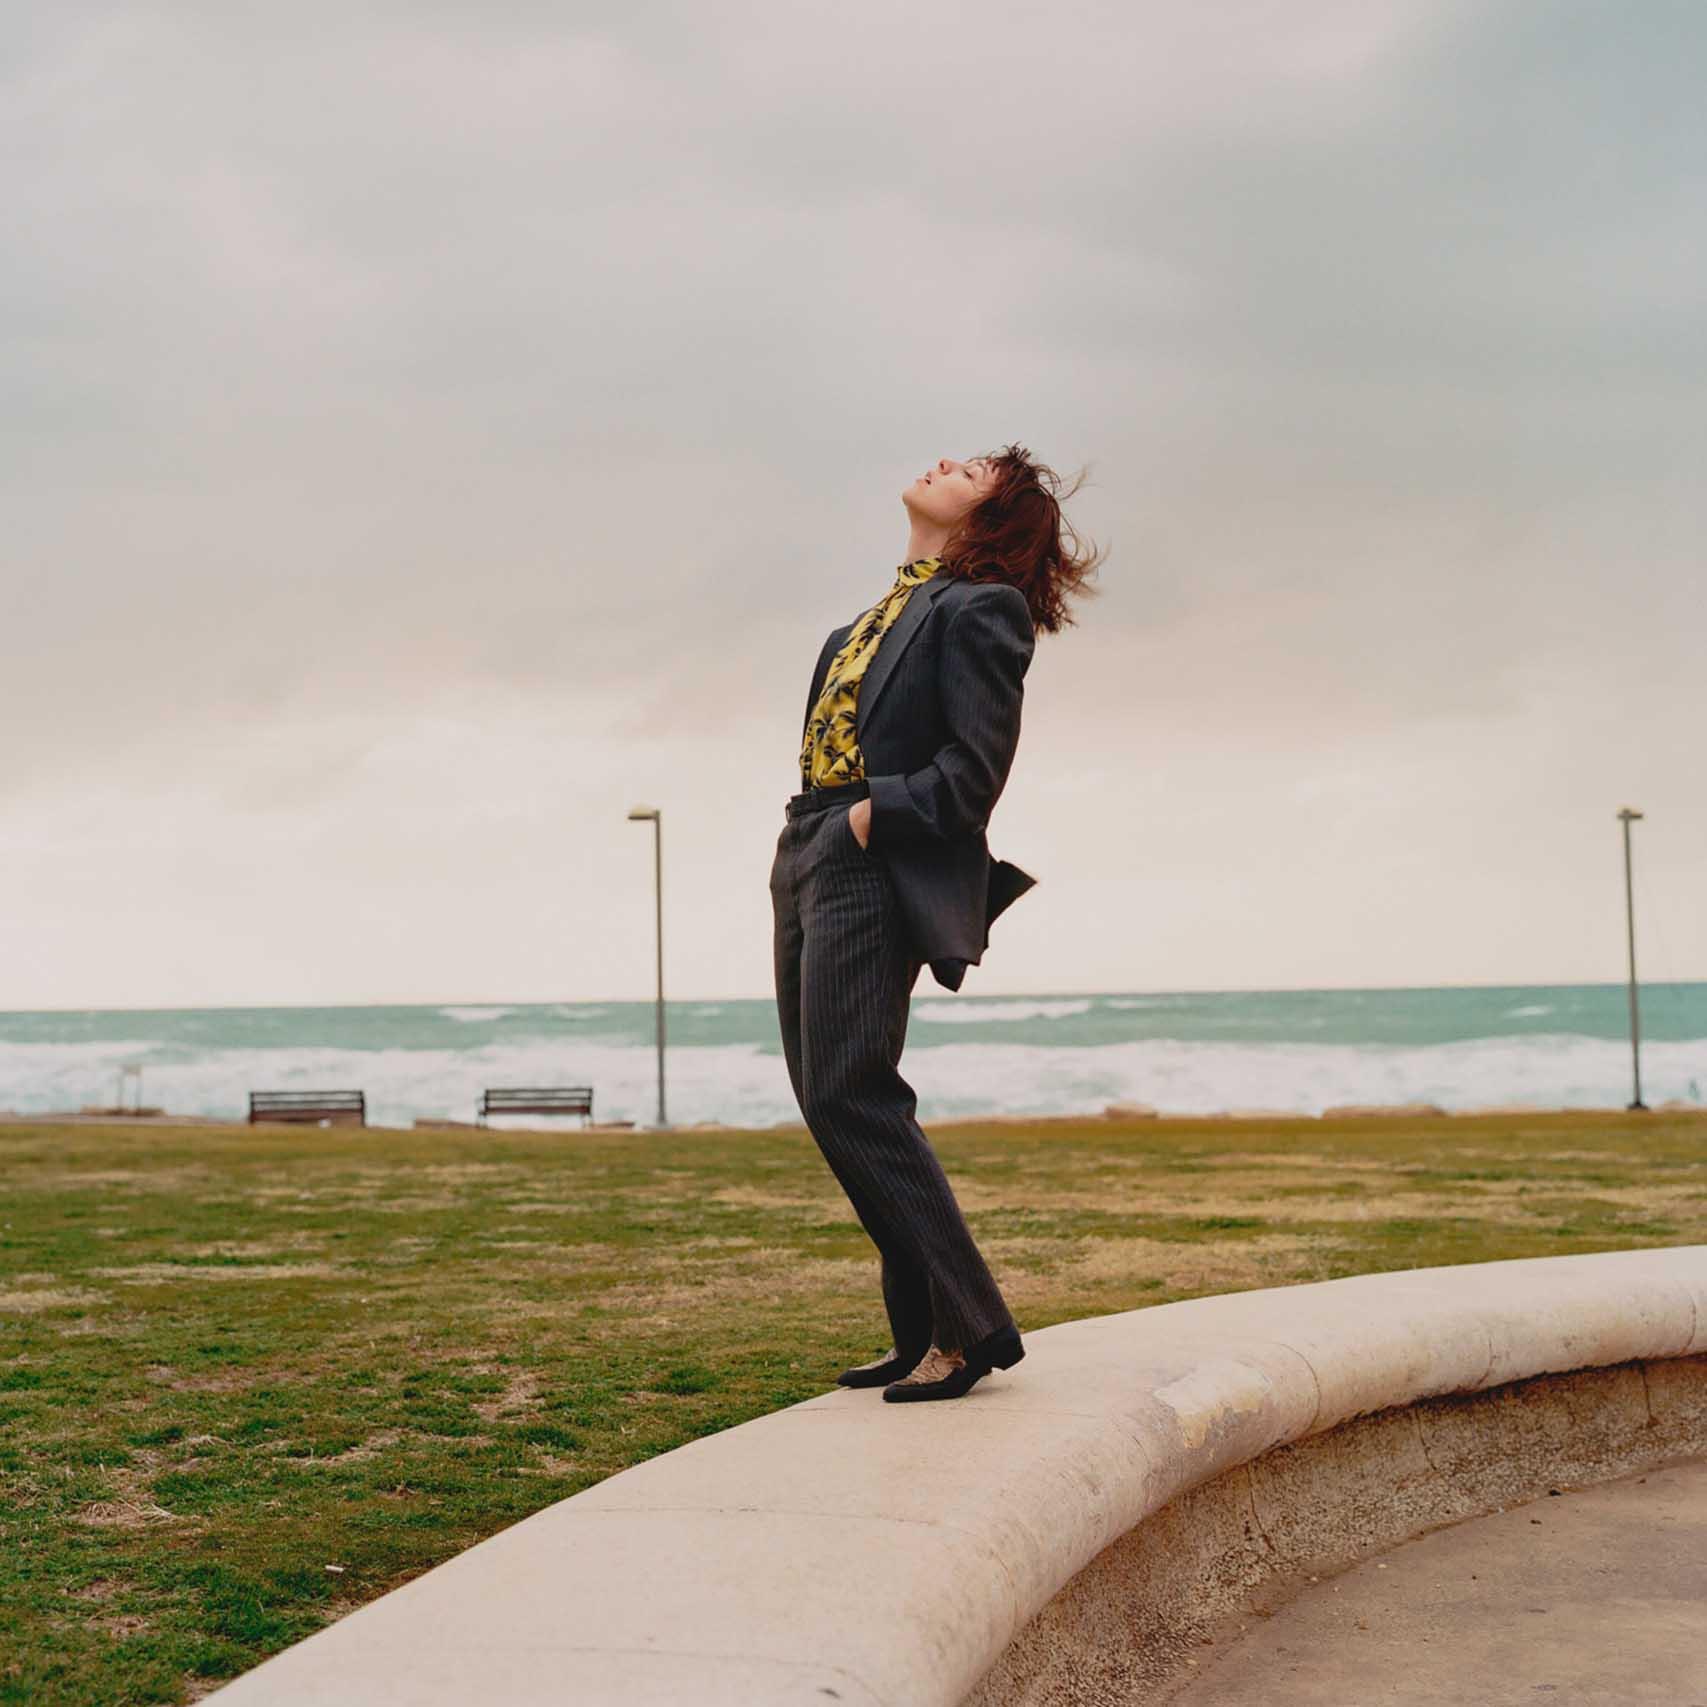 הפקות אופנה, צילום: עוז ברק, דוגמנית: Christina Hlybova, אופנה: ונטה -מגזין אופנה ישראלי - 9